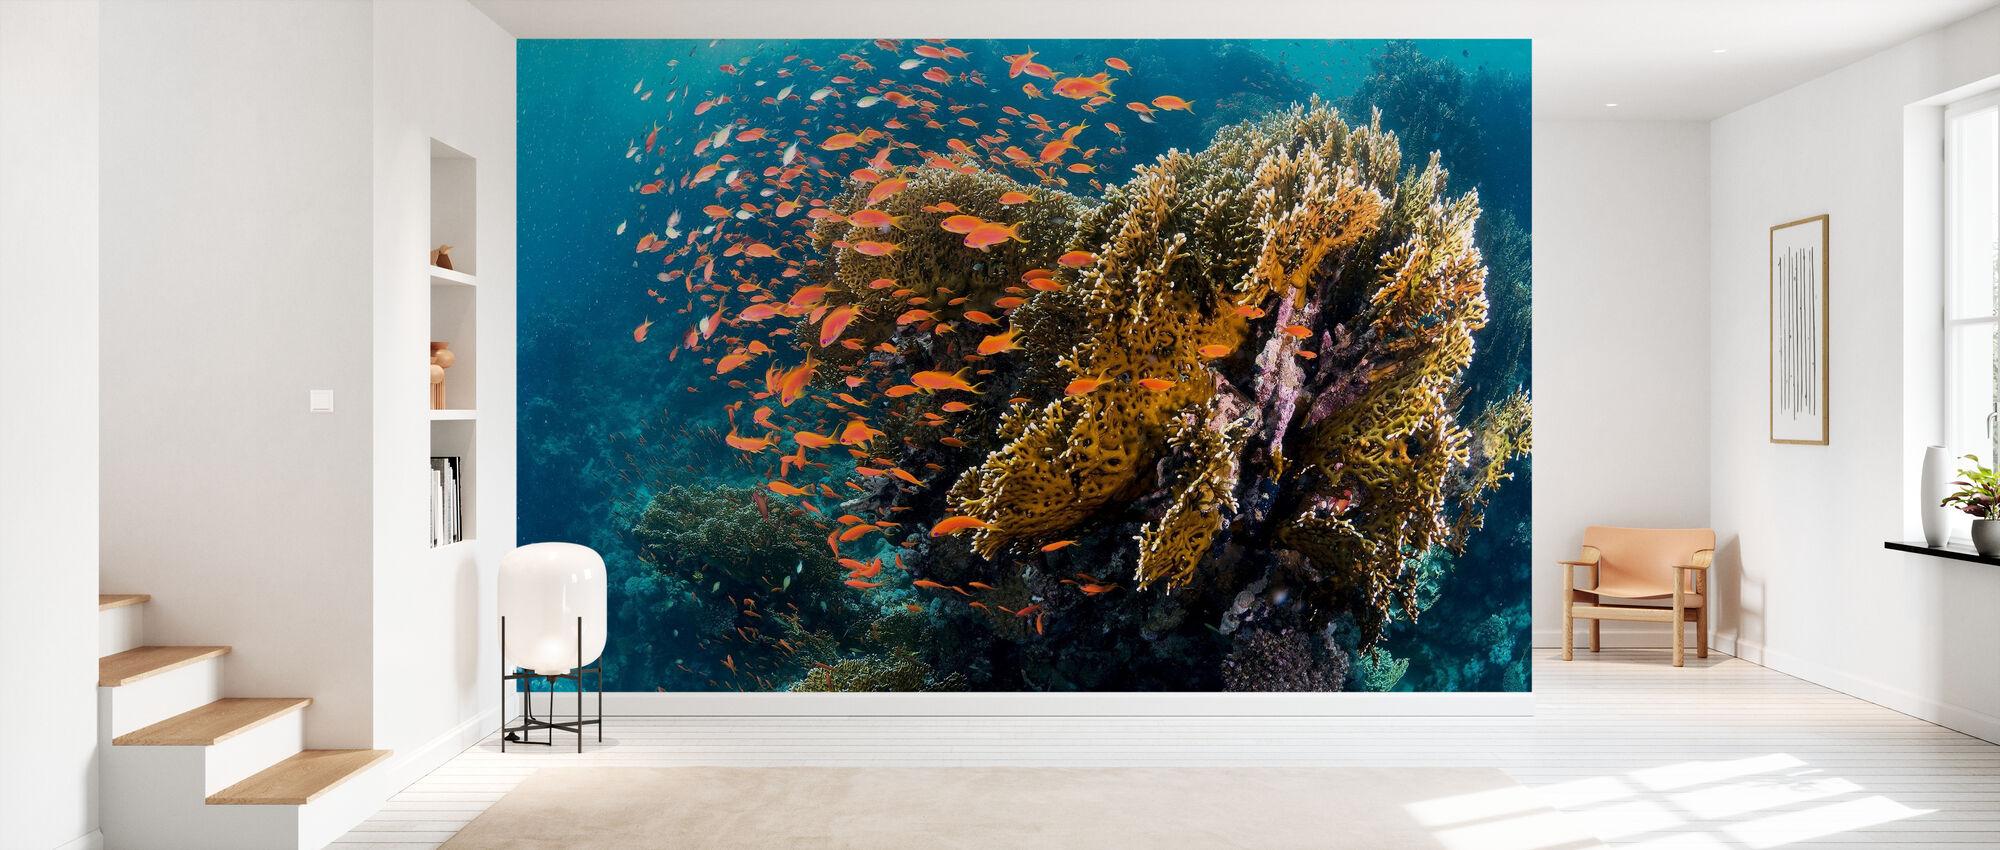 Reefscape - Wallpaper - Hallway